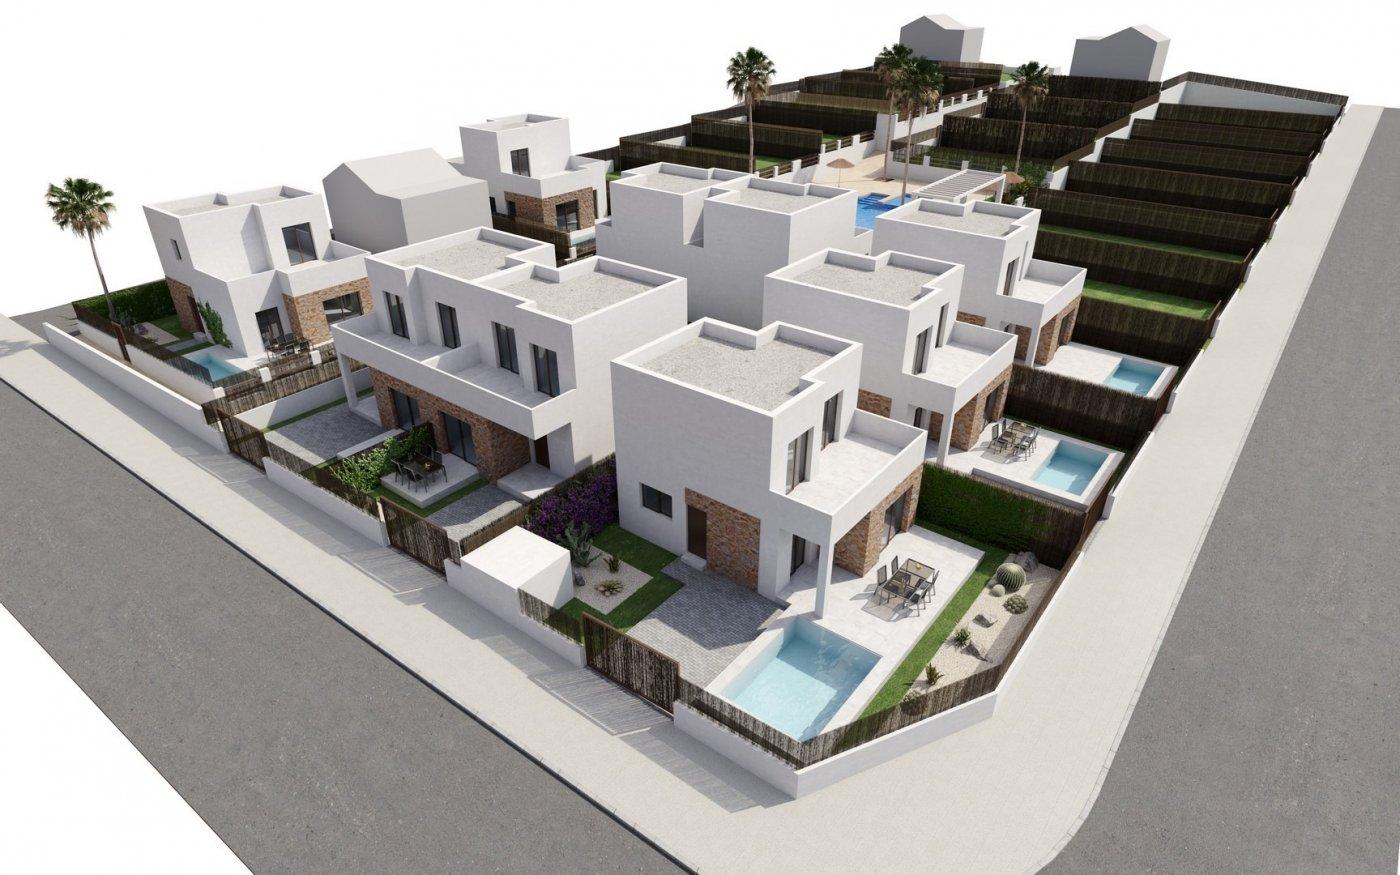 Nuevas villas pareadas e independientes en orihuela costa !!! - imagenInmueble10